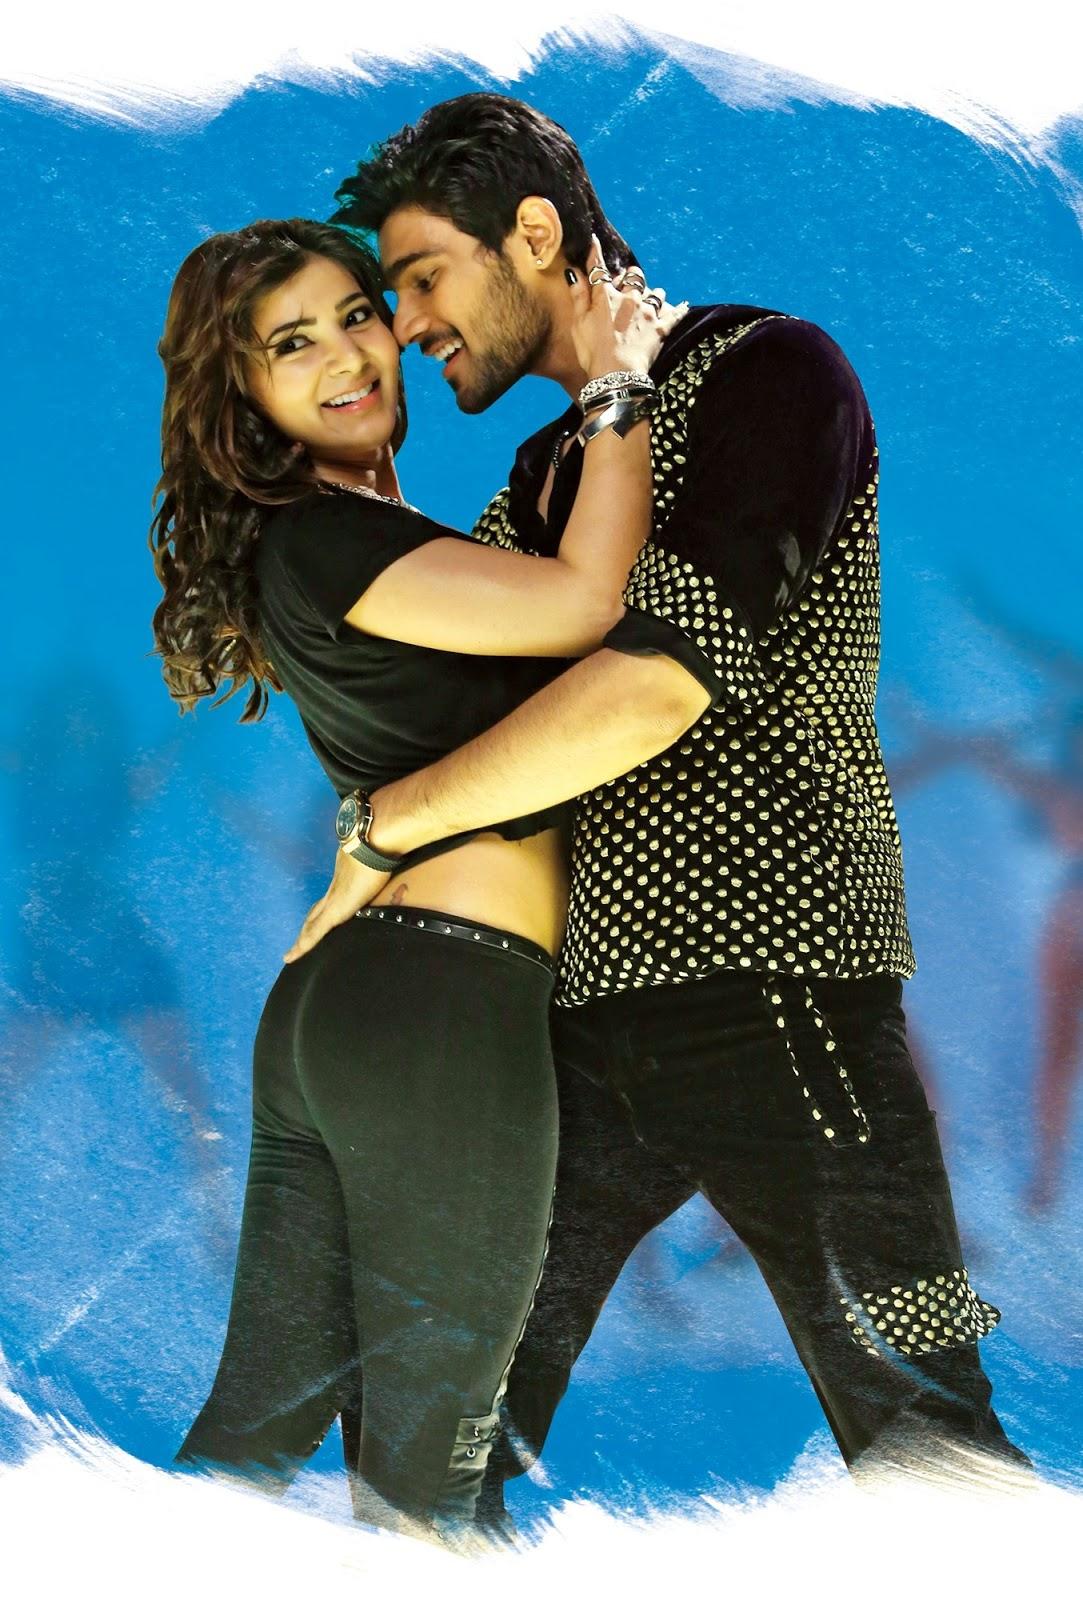 Alludu Seenu Telugu Movie Stills | Cine Gallery Home of Bollywood ...